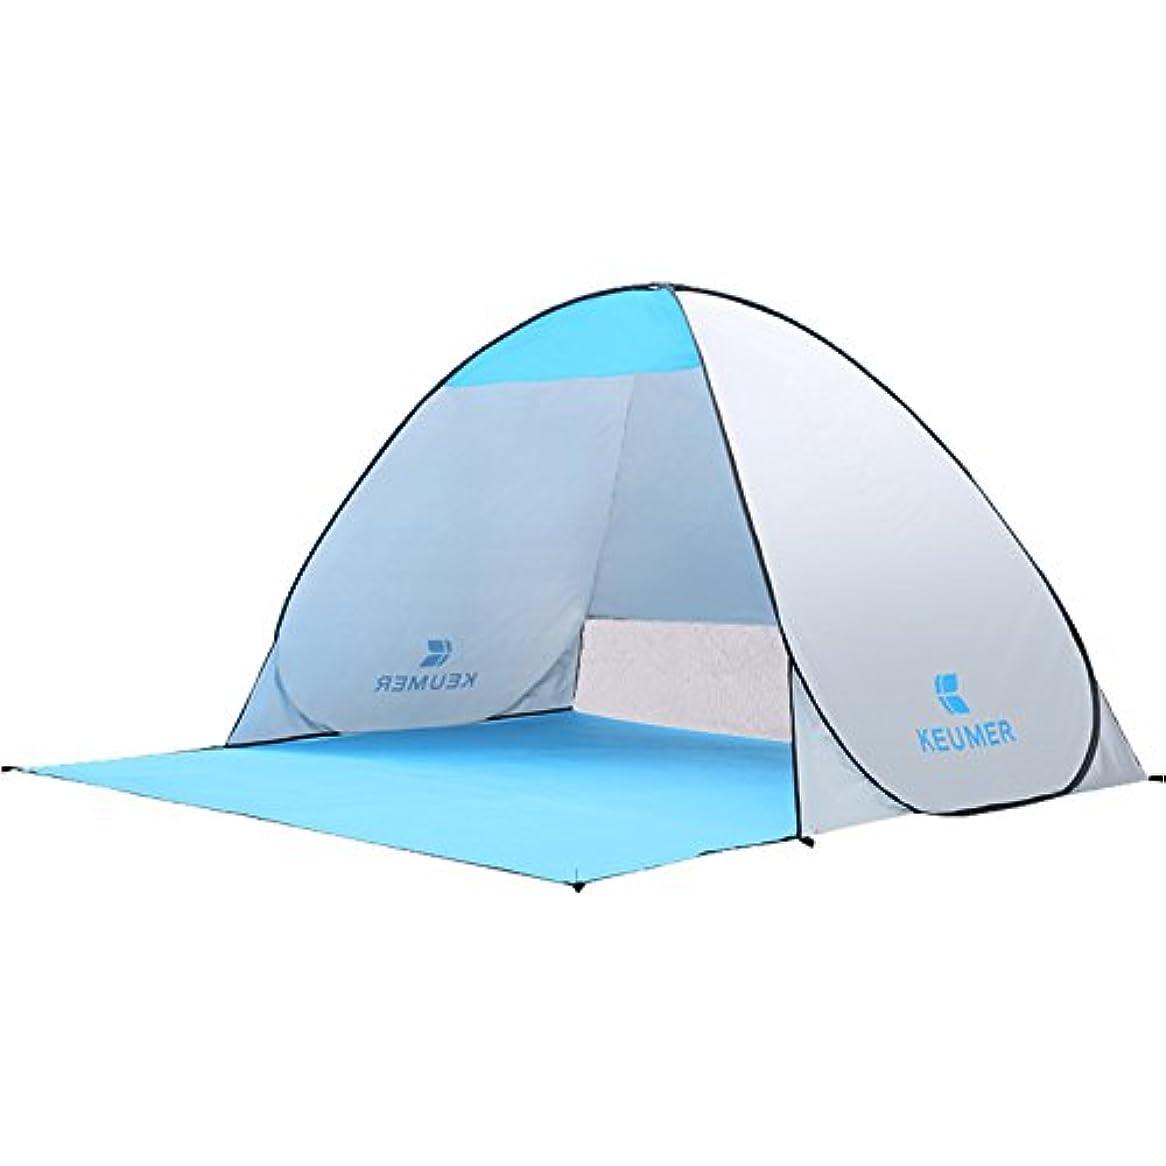 推進力サスティーントークンRakuby テント ピクニックハイキング (120 + 60)* 150 * 100センチメートル 屋外自動インスタントポップ 190T ポリエステル生地 アップポータブル ビーチテント アンチUV シェルターキャンプ 釣り